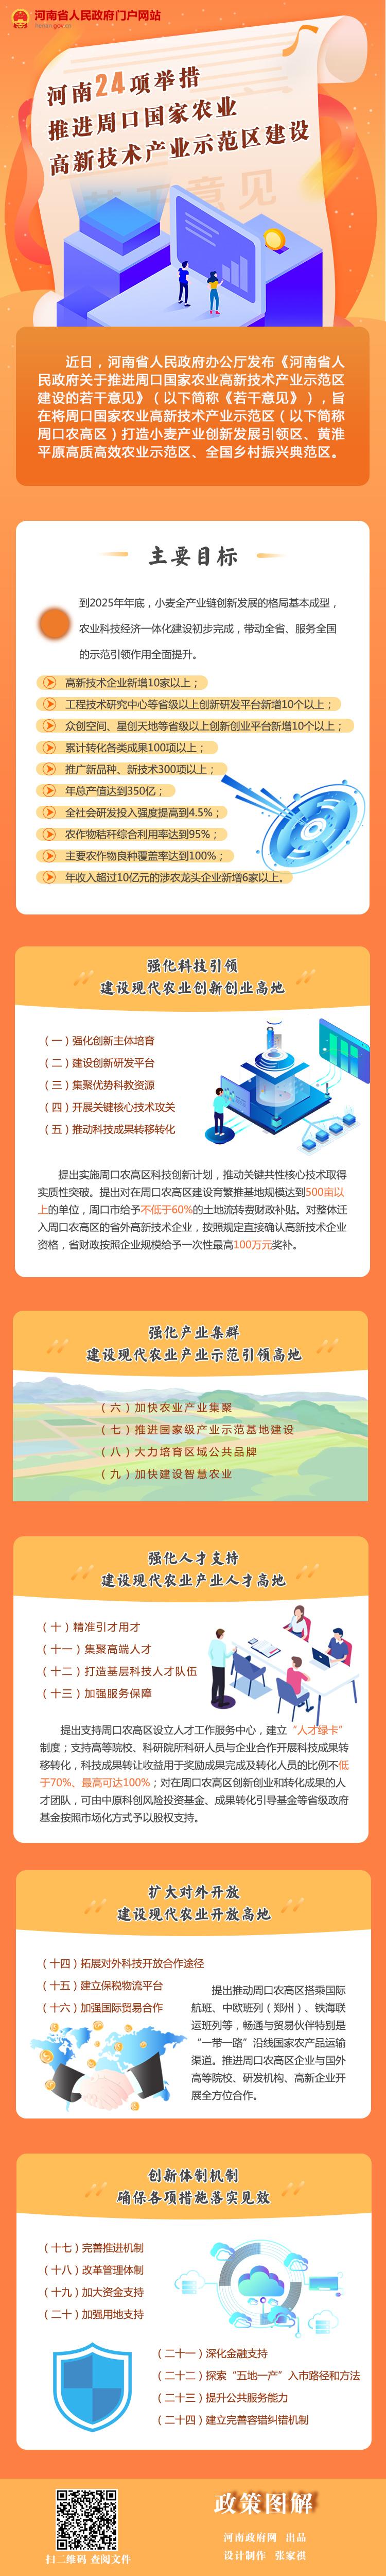 圖解:河南24項舉措推進周口國家農業高新技術產業示范區建設